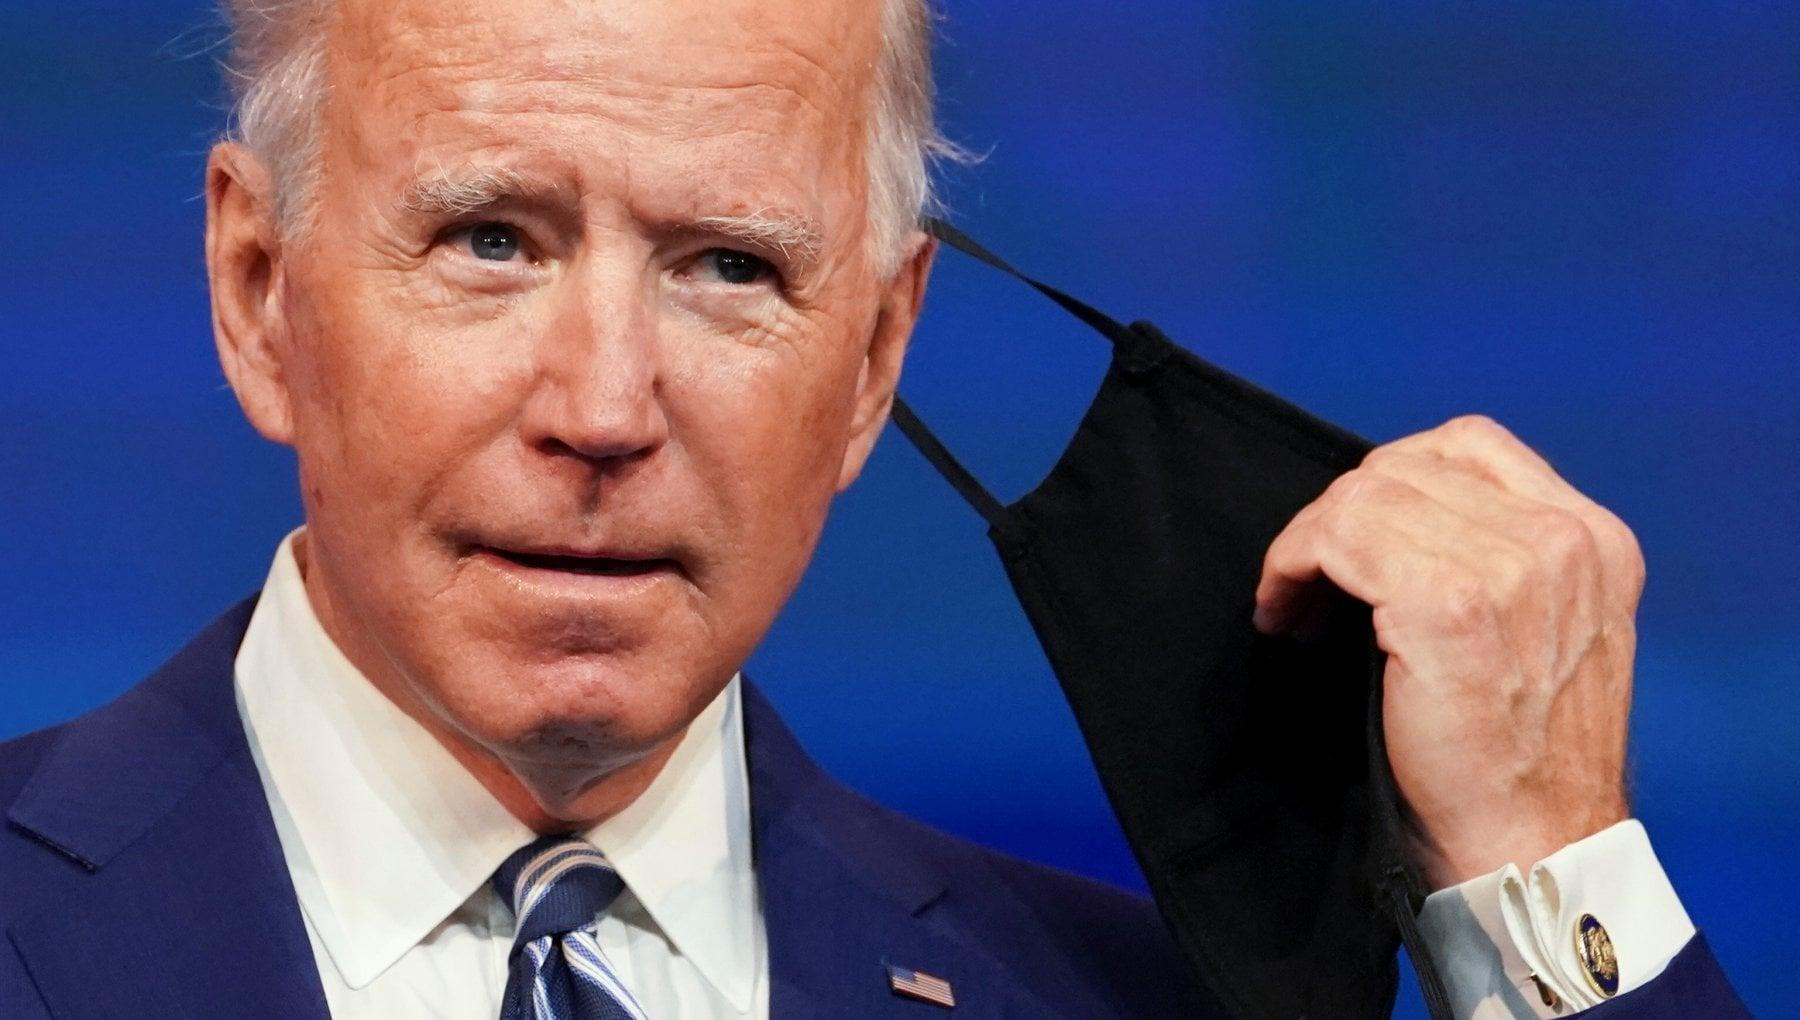 Biden il figlio Hunter indagato per questioni fiscali